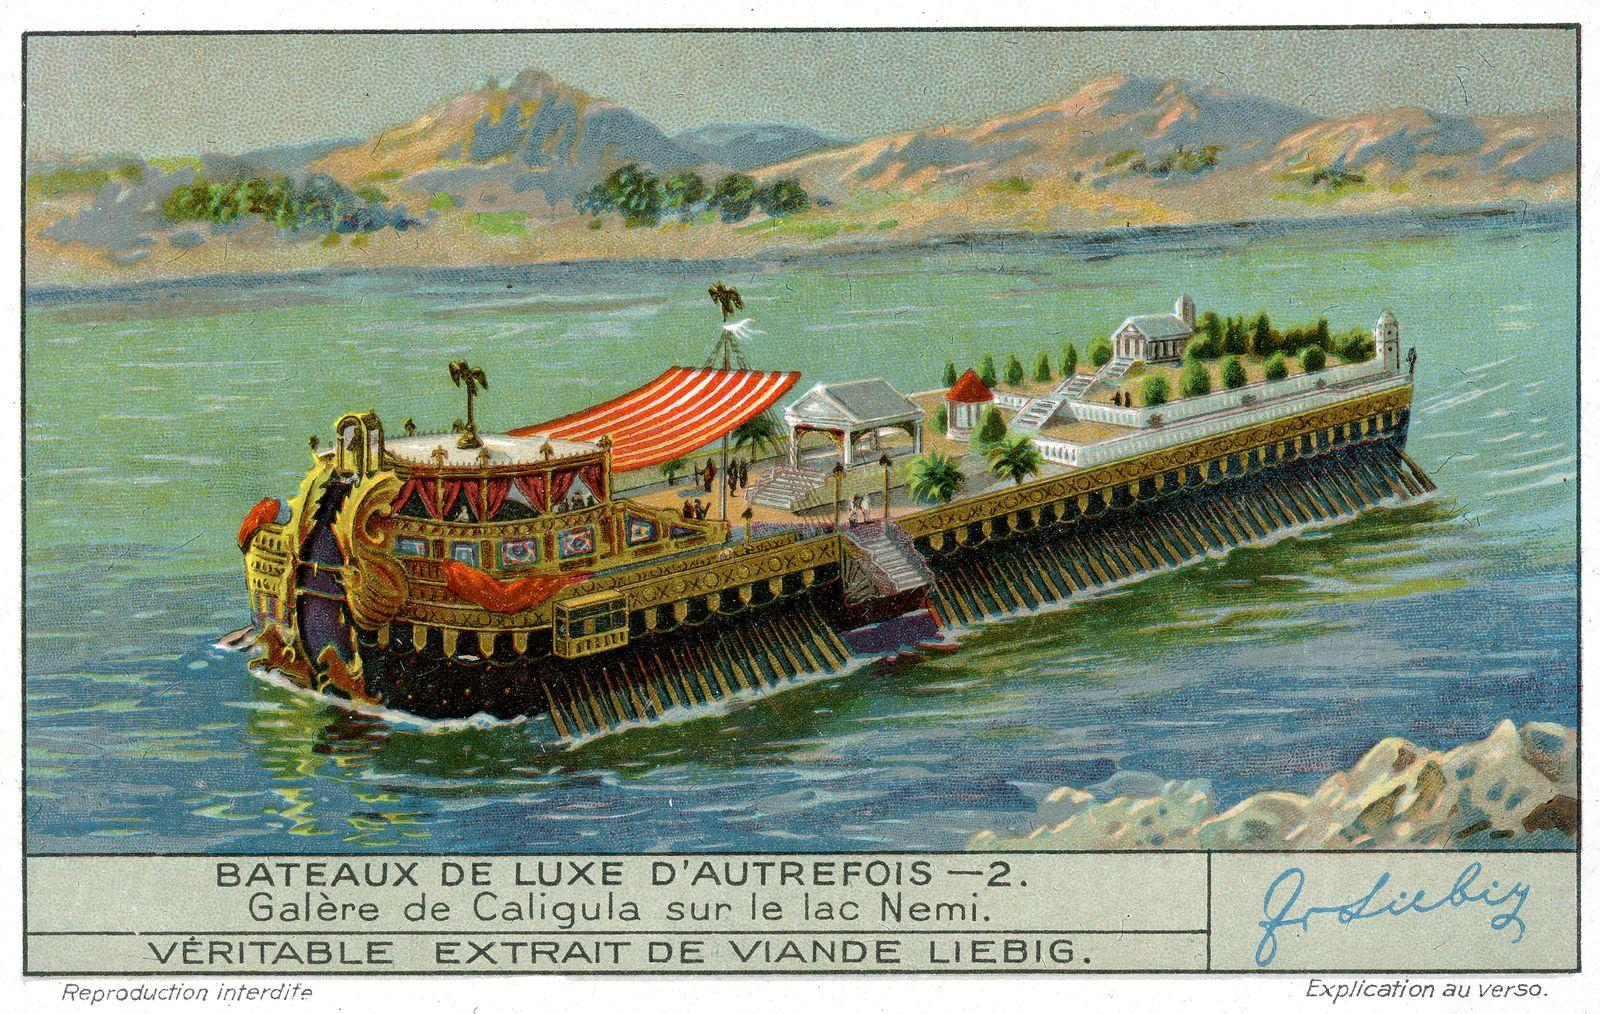 TRANSPORT - Bateau Galere de Caligula sur le lac Nemi . Chromo publicitaire Liebig de 1935, serie intitulee Bateaux de l